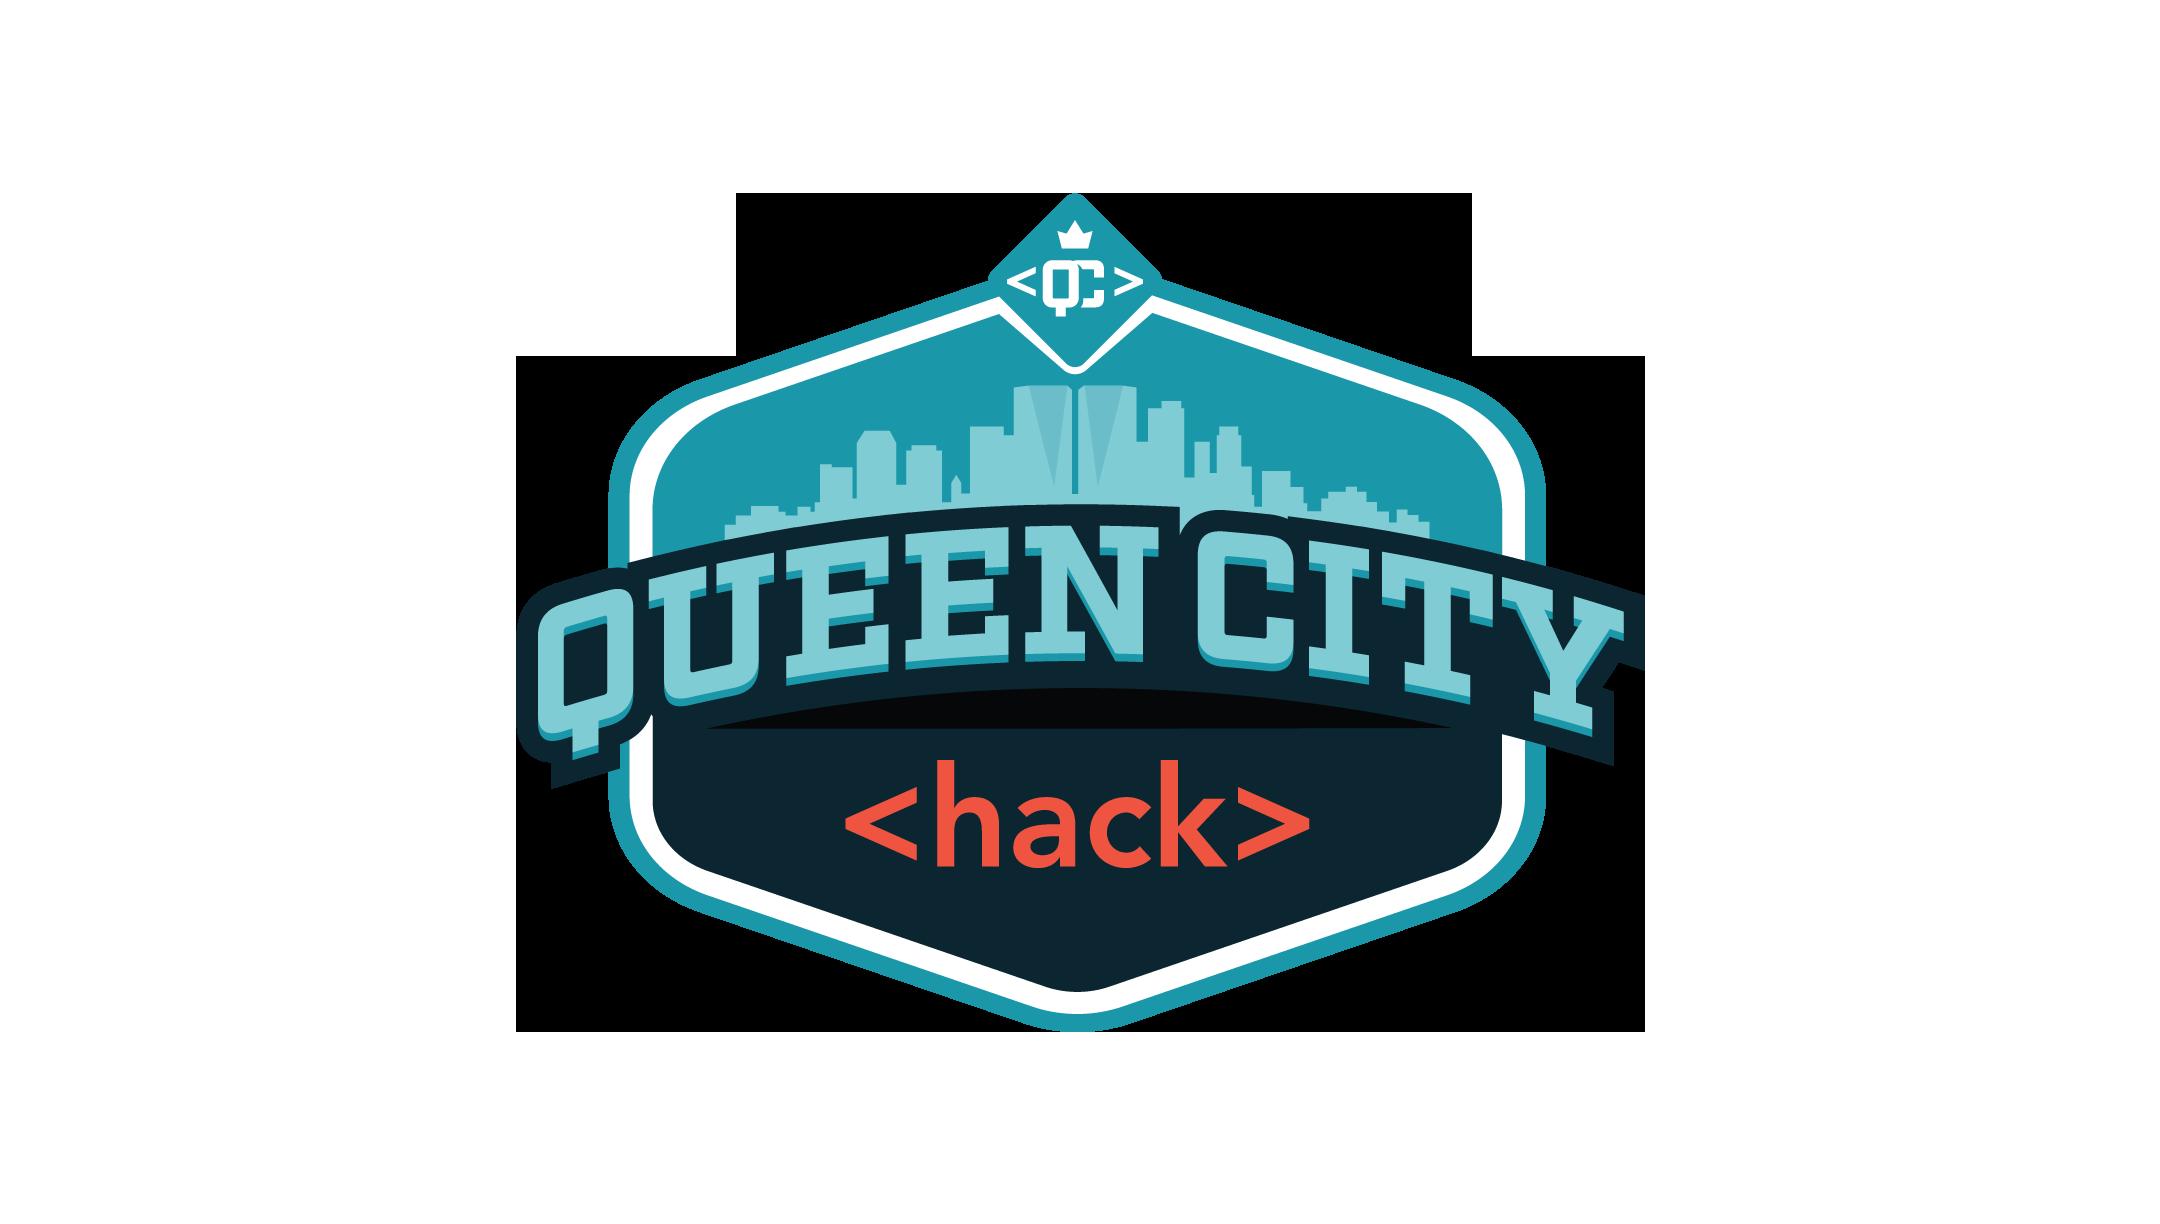 Queen City Hack